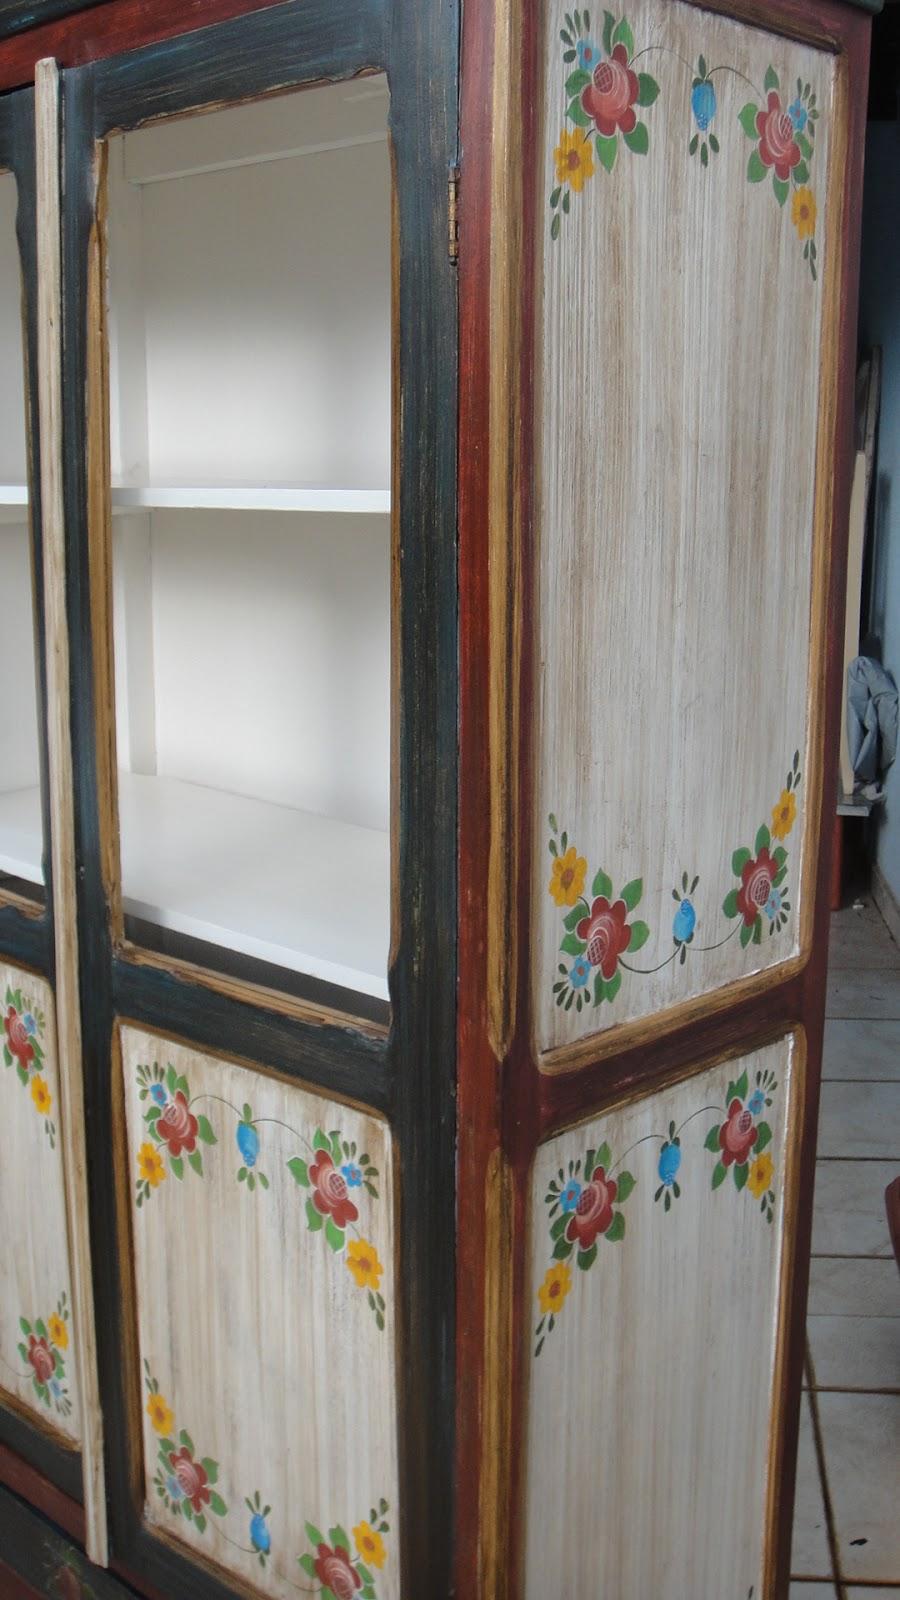 Pintar un mueble barnizado dise os arquitect nicos for Como lacar un mueble barnizado